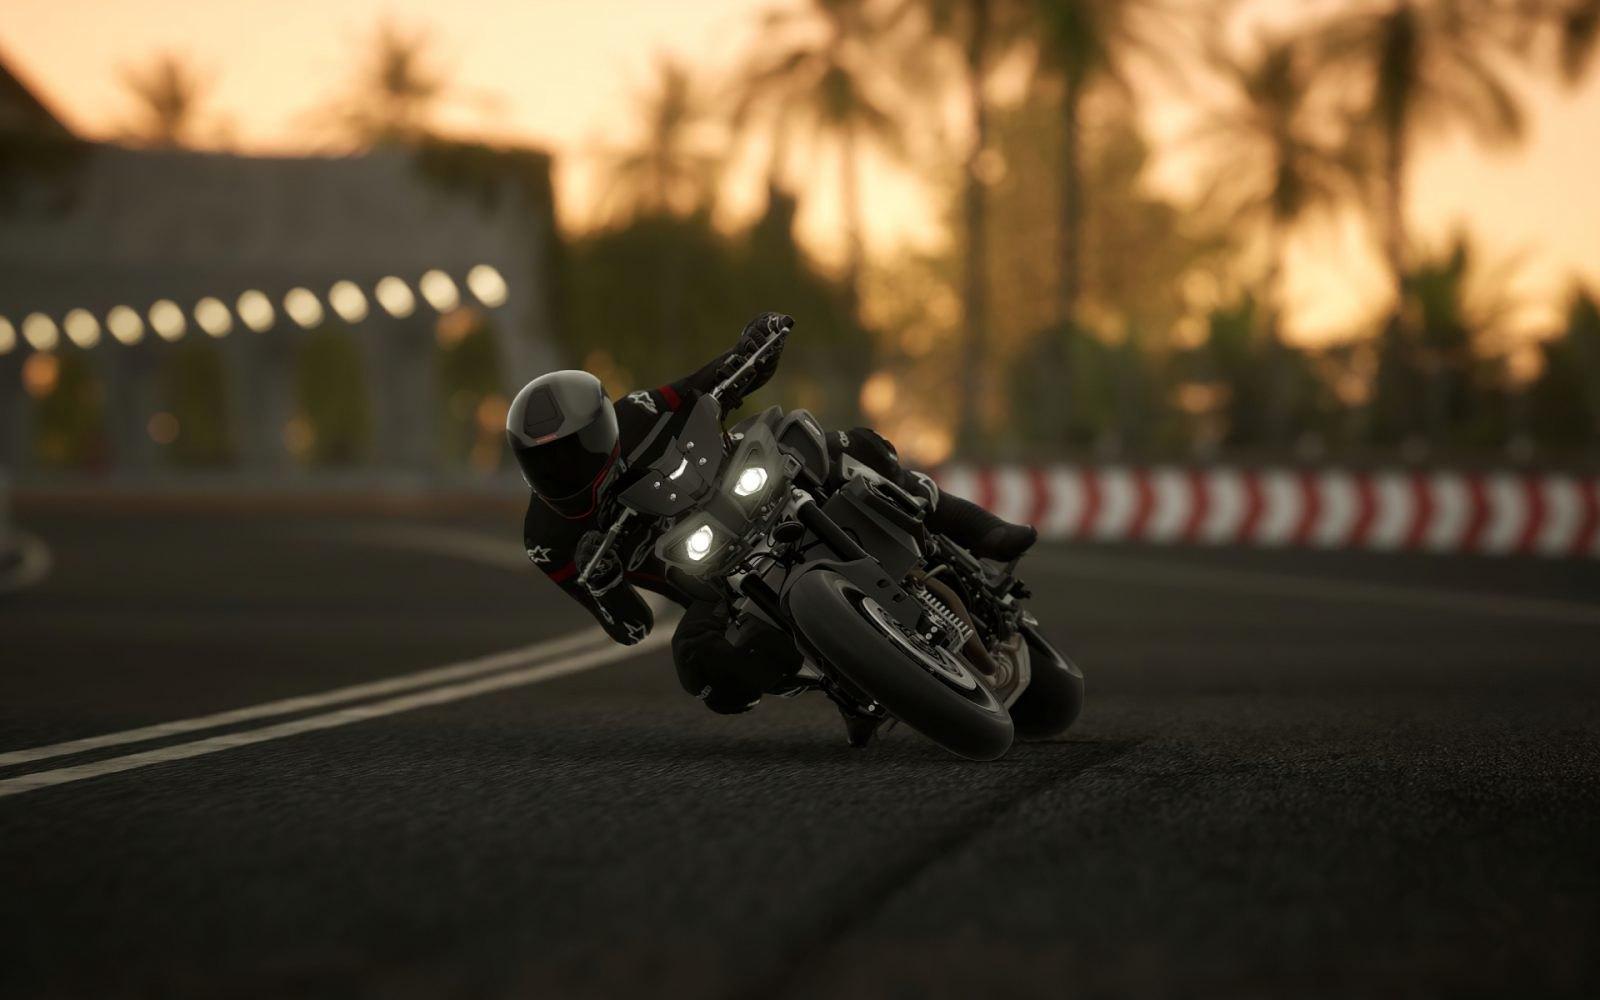 RIDE-4-gameplay-007-1600x1000